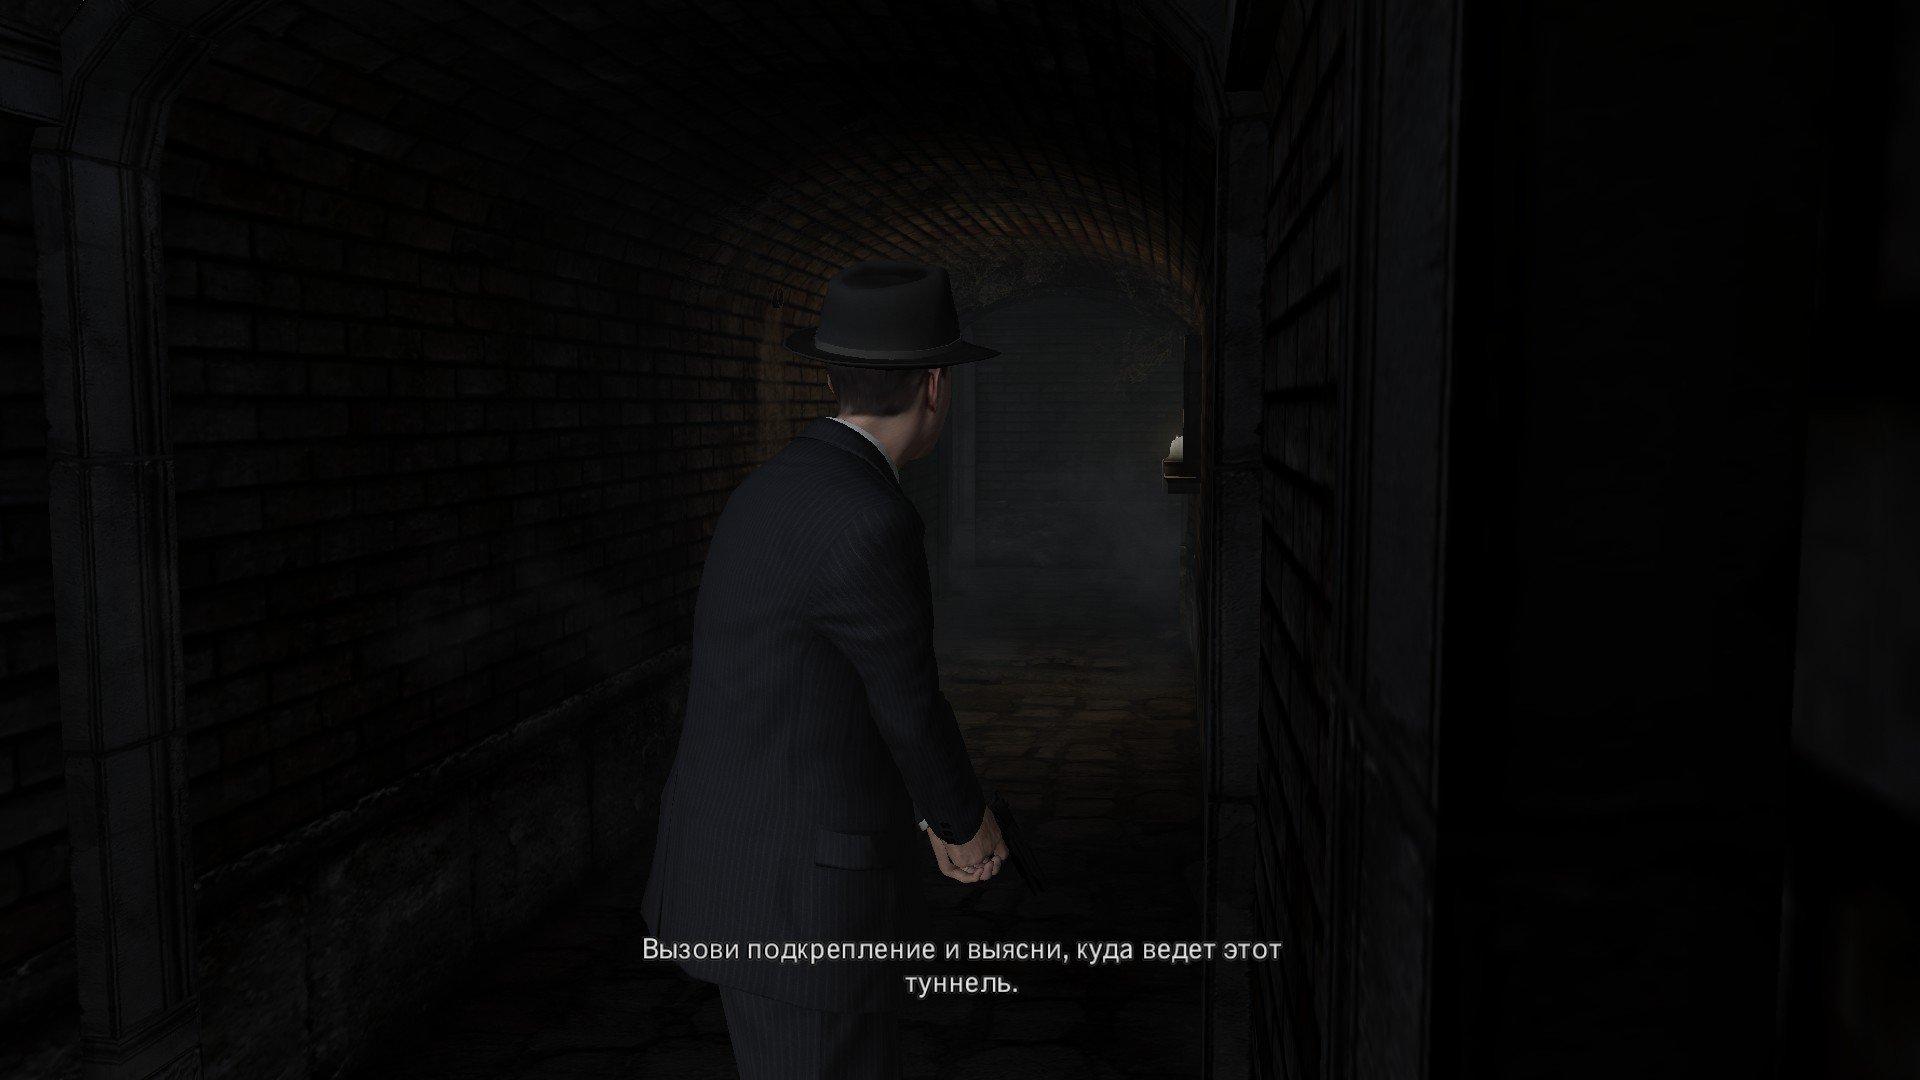 Пост-прохождение L.A. Noire Часть 13 - Изображение 57